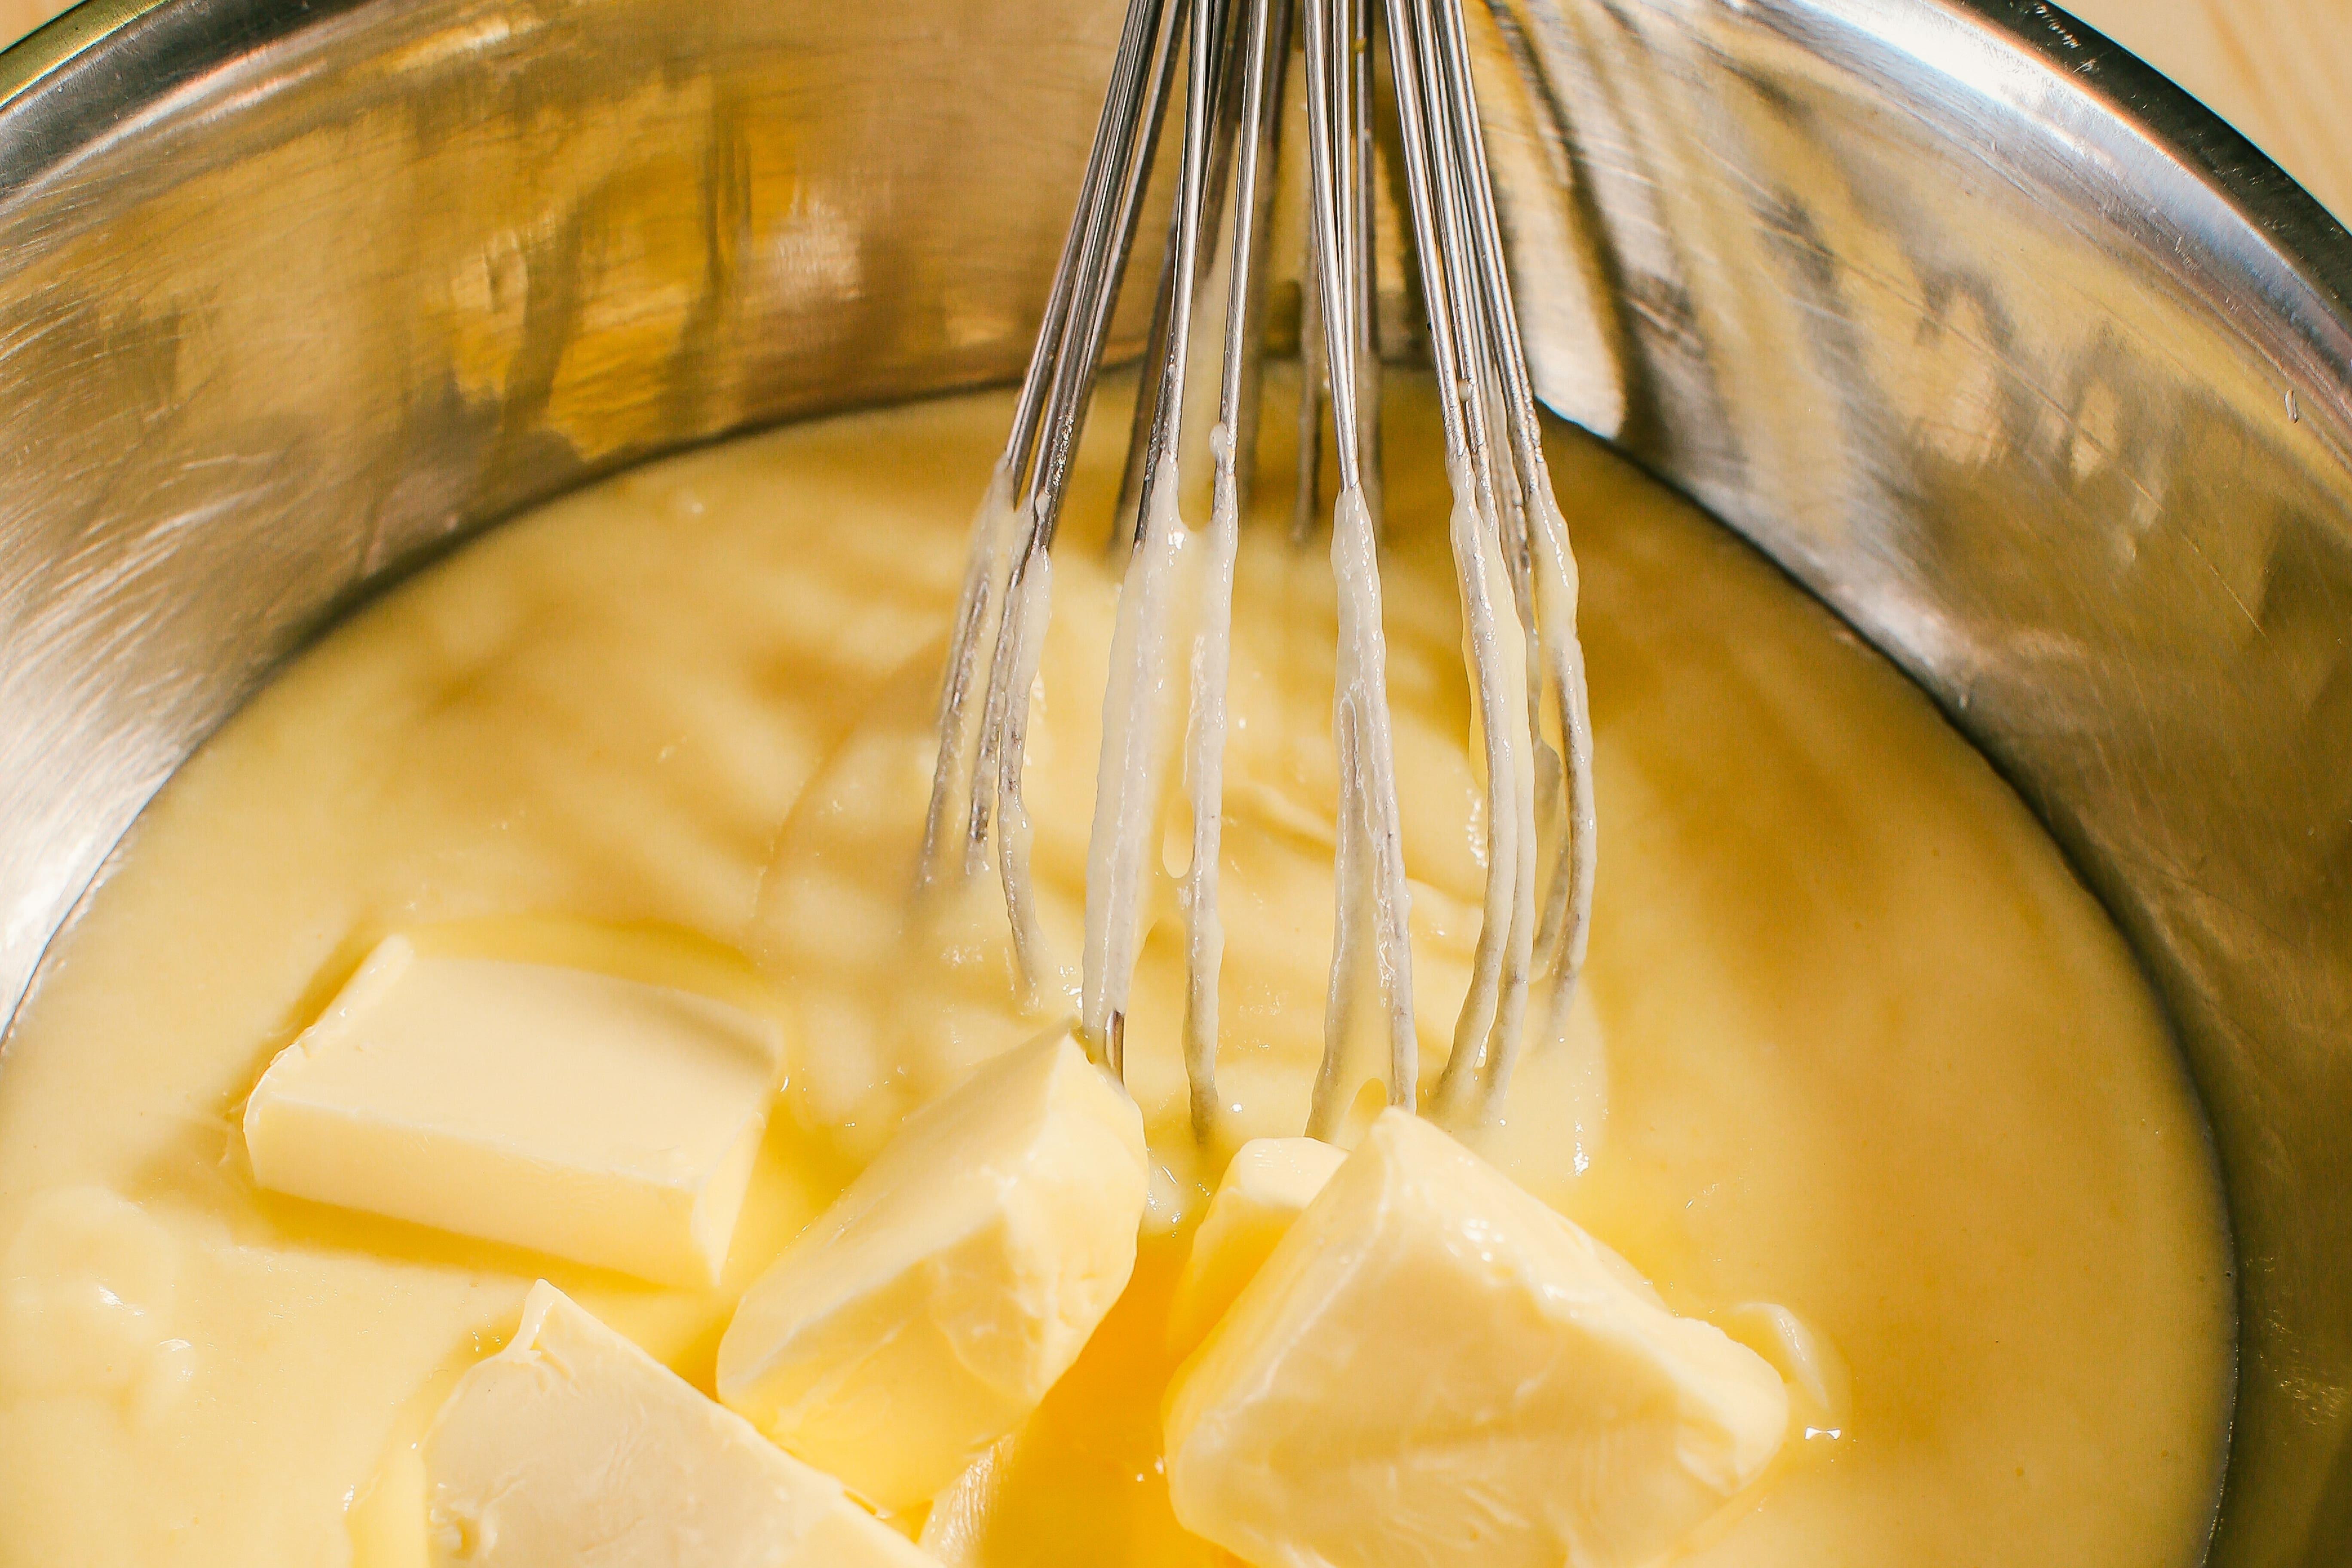 Коли крем трохи охолонув, додати холодне вершкове масло шматочками, безперервно перемішуючи вінчиком або збиваючи блендером. Накрити харчовою плівкою «в контакт» та поставити в холодильник.